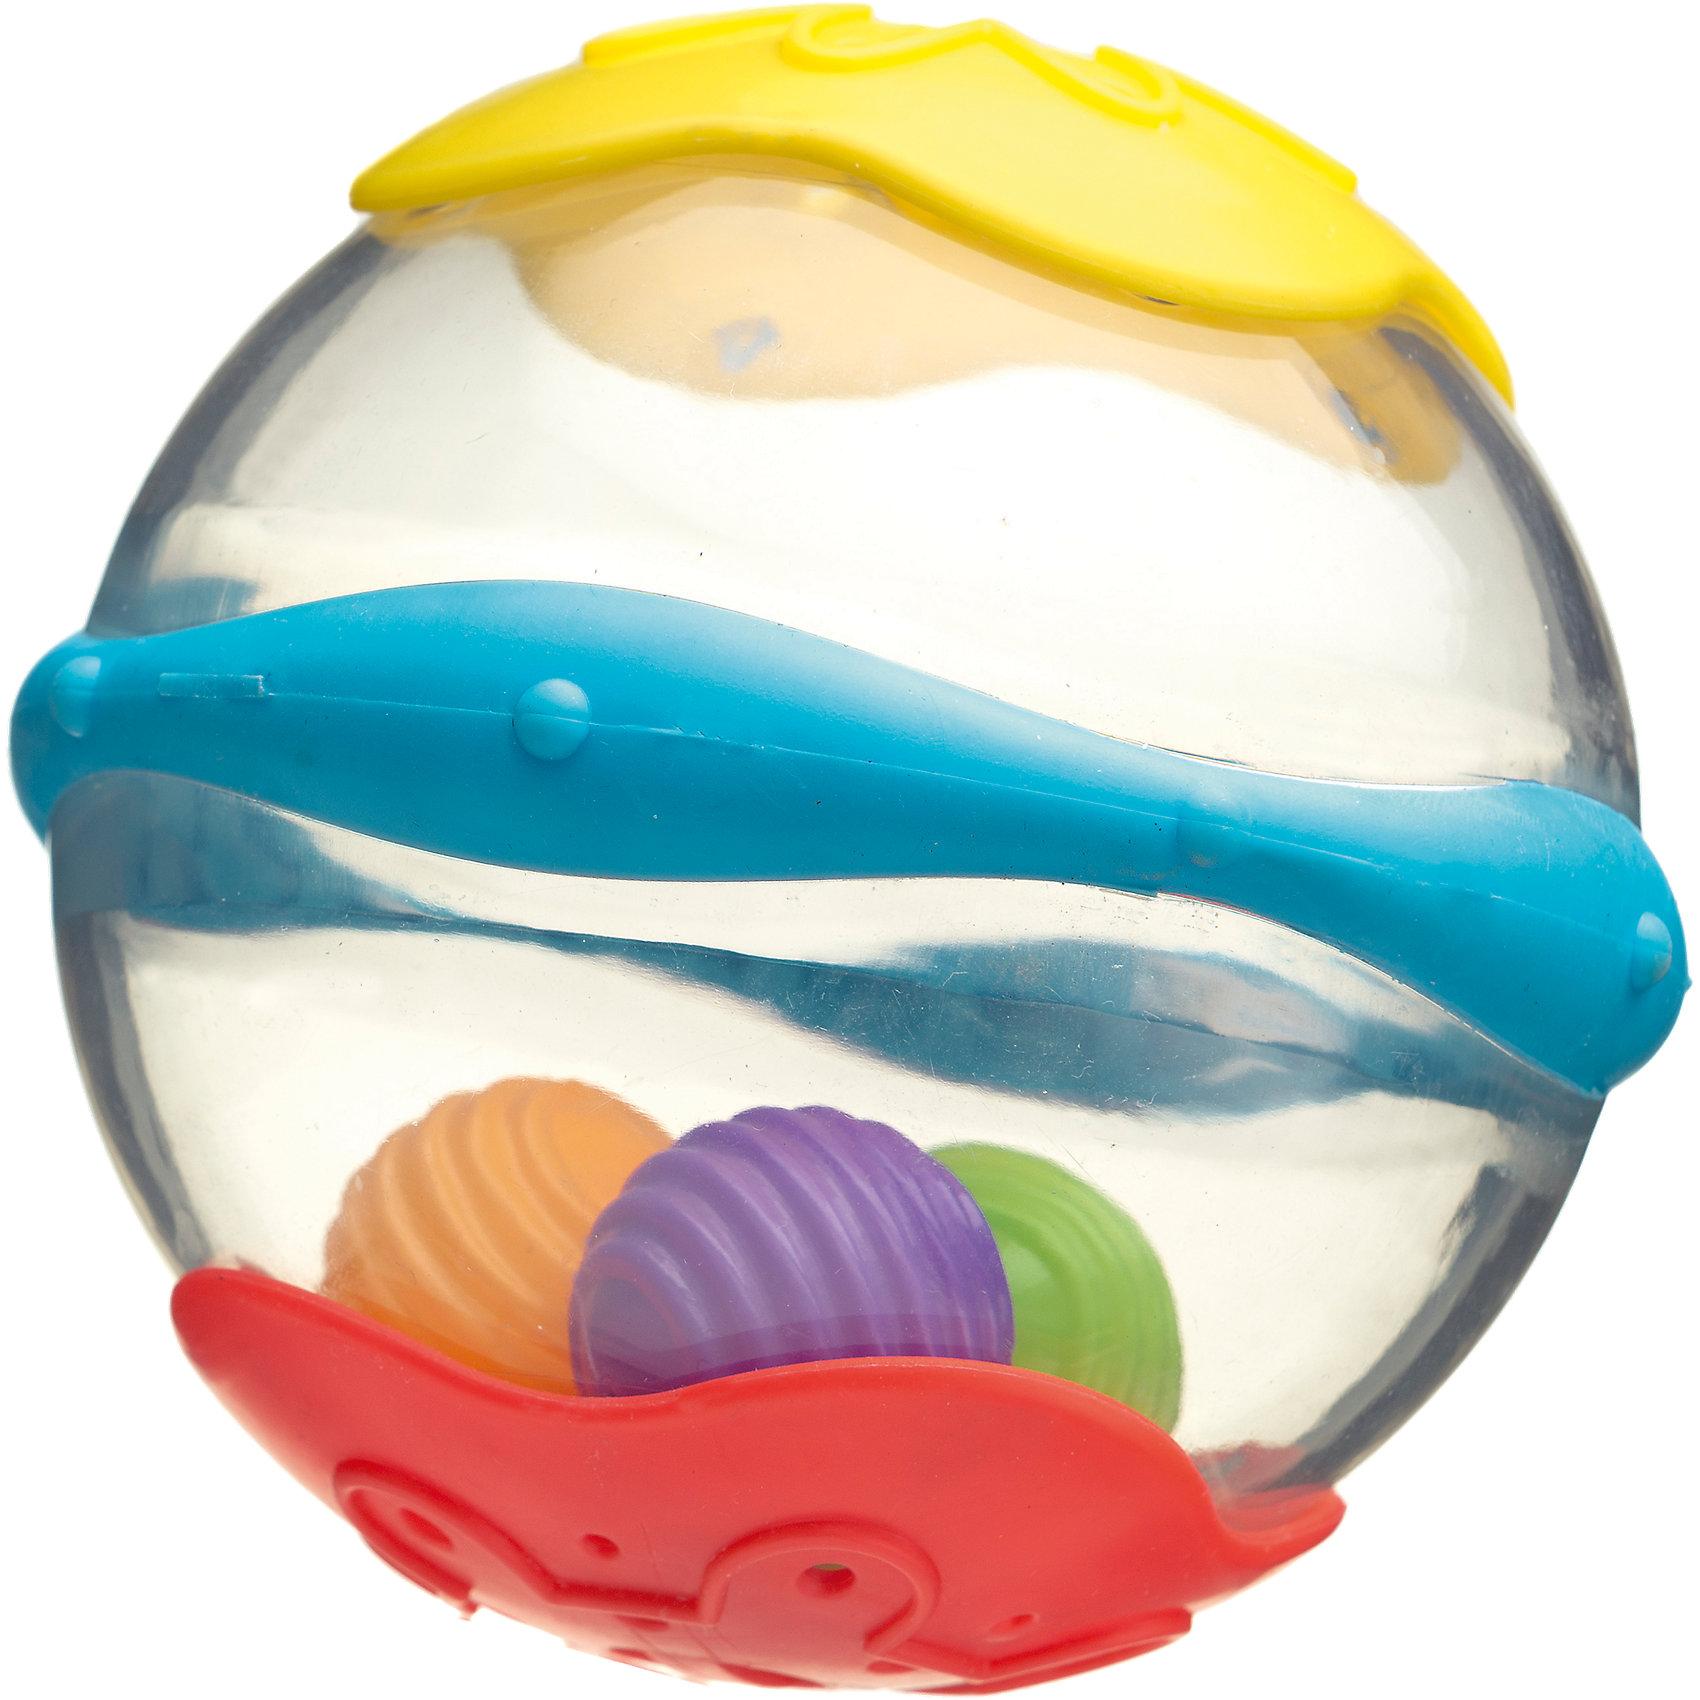 Игрушка для ванны Мяч, PlaygroИгрушки ПВХ<br>Эта игрушка идеально подходит для развлечений в ванной комнате. Внутри мячика находятся разноцветные шарики, которые гремят при встряхивании, а по бокам расположены отверстия для слива воды. Во время игры с мячиком купание превратится в настоящее удовольствие для малыша.<br><br>Дополнительная информация:<br><br>- Возраст: от 6 месяцев до 3 лет<br>- Материал: пластик<br>- Размер: 19х15х9 см<br>- Вес: 0.24 кг<br><br>Игрушку для ванны Мяч, Playgro можно купить в нашем интернет-магазине.<br><br>Ширина мм: 197<br>Глубина мм: 154<br>Высота мм: 109<br>Вес г: 138<br>Возраст от месяцев: 6<br>Возраст до месяцев: 36<br>Пол: Унисекс<br>Возраст: Детский<br>SKU: 4176185